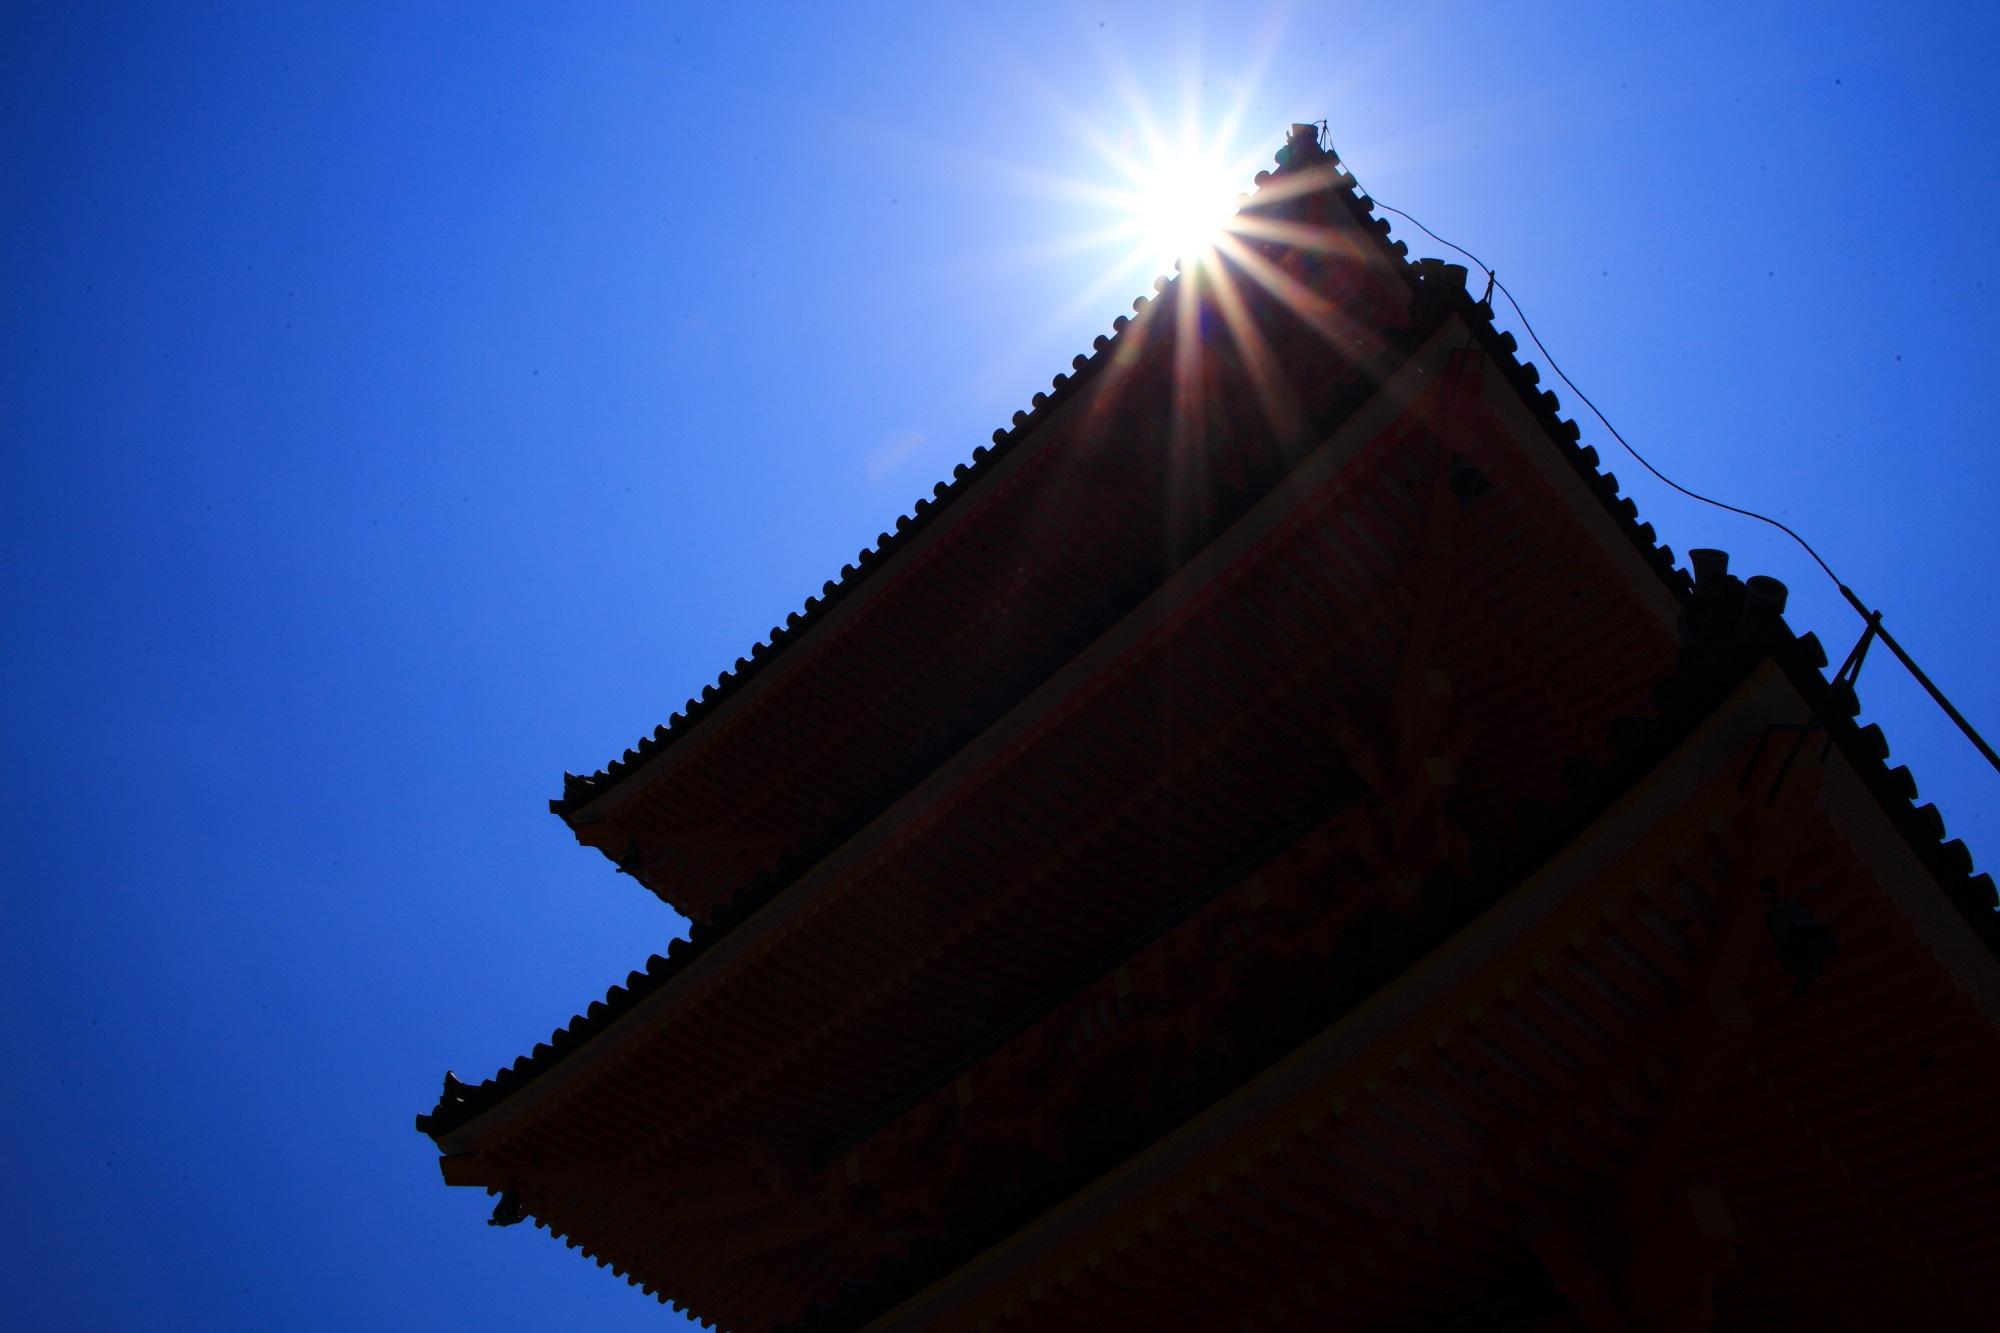 清水寺の三重塔と太陽と空